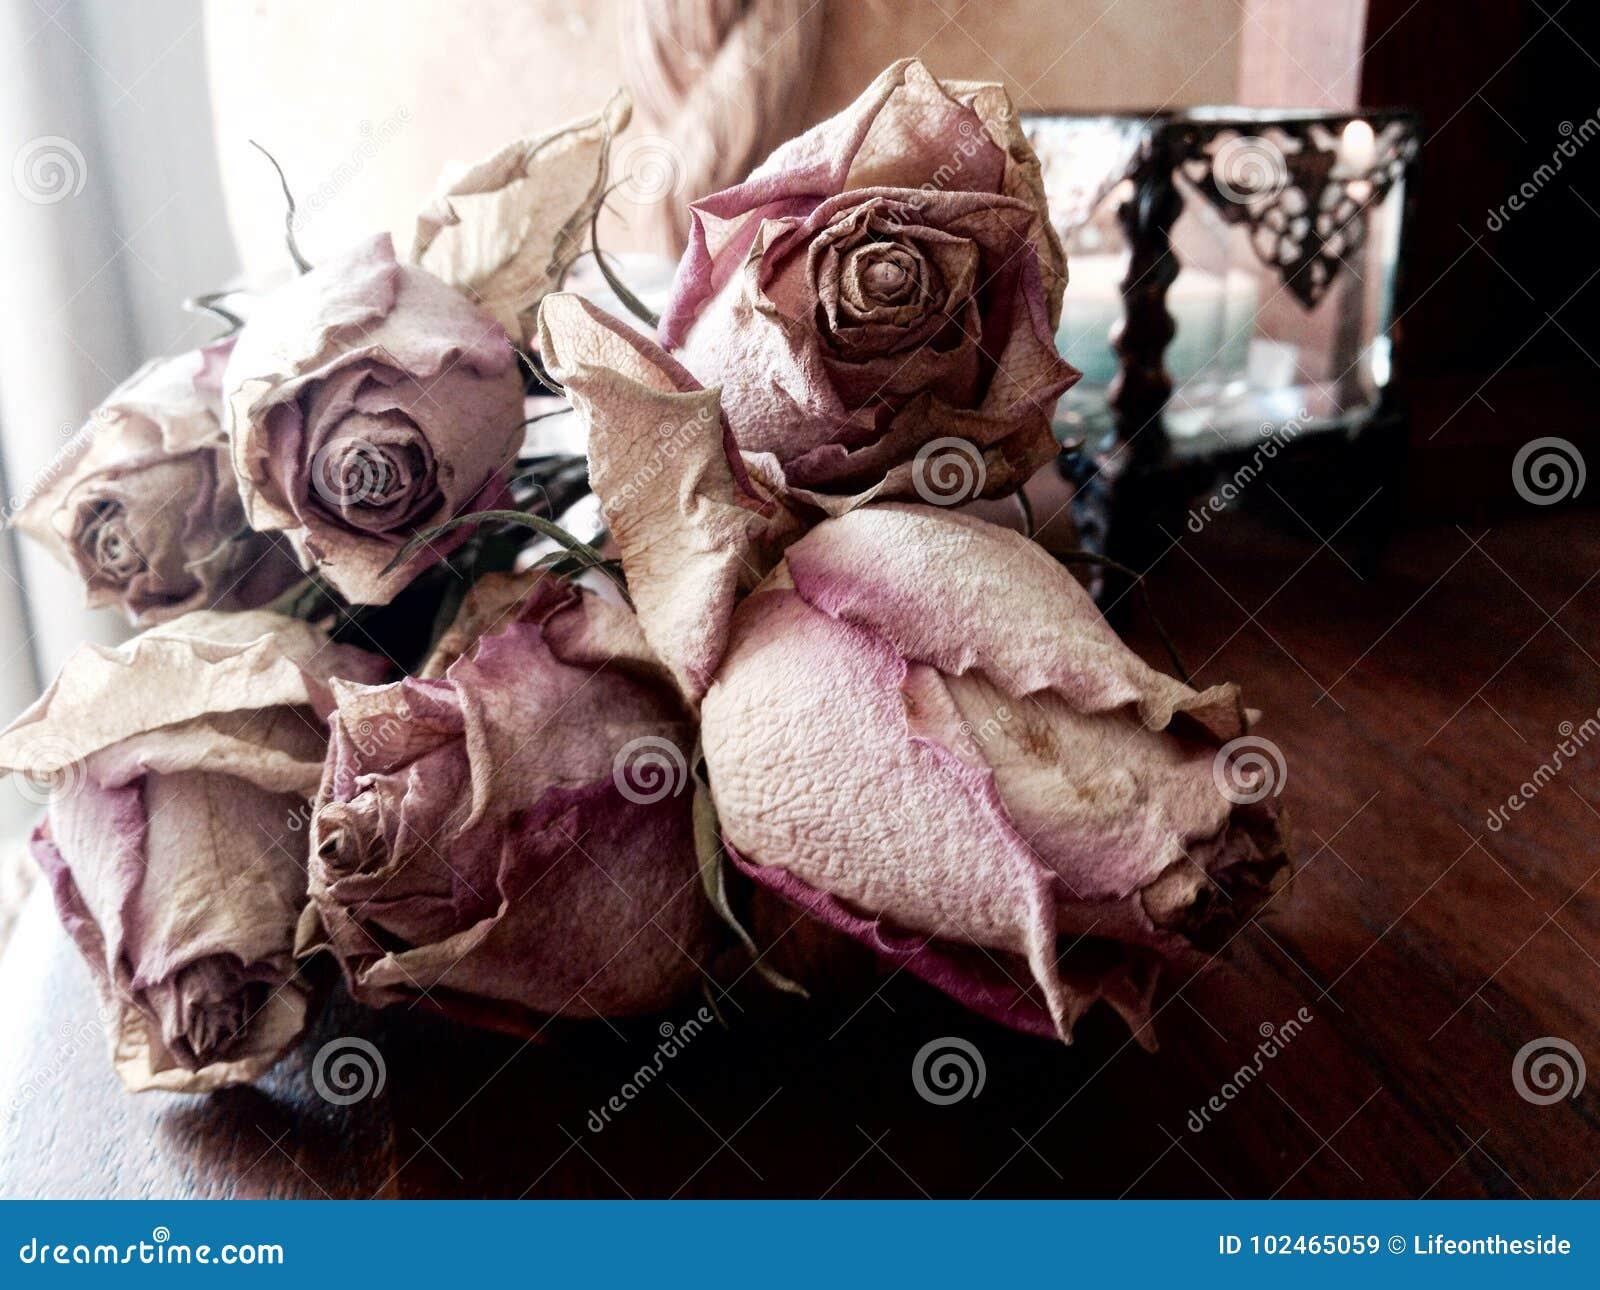 Abstrakcjonistyczny wiązka nieboszczyk suszył różową róży pojęcia śmierć, strata, żal